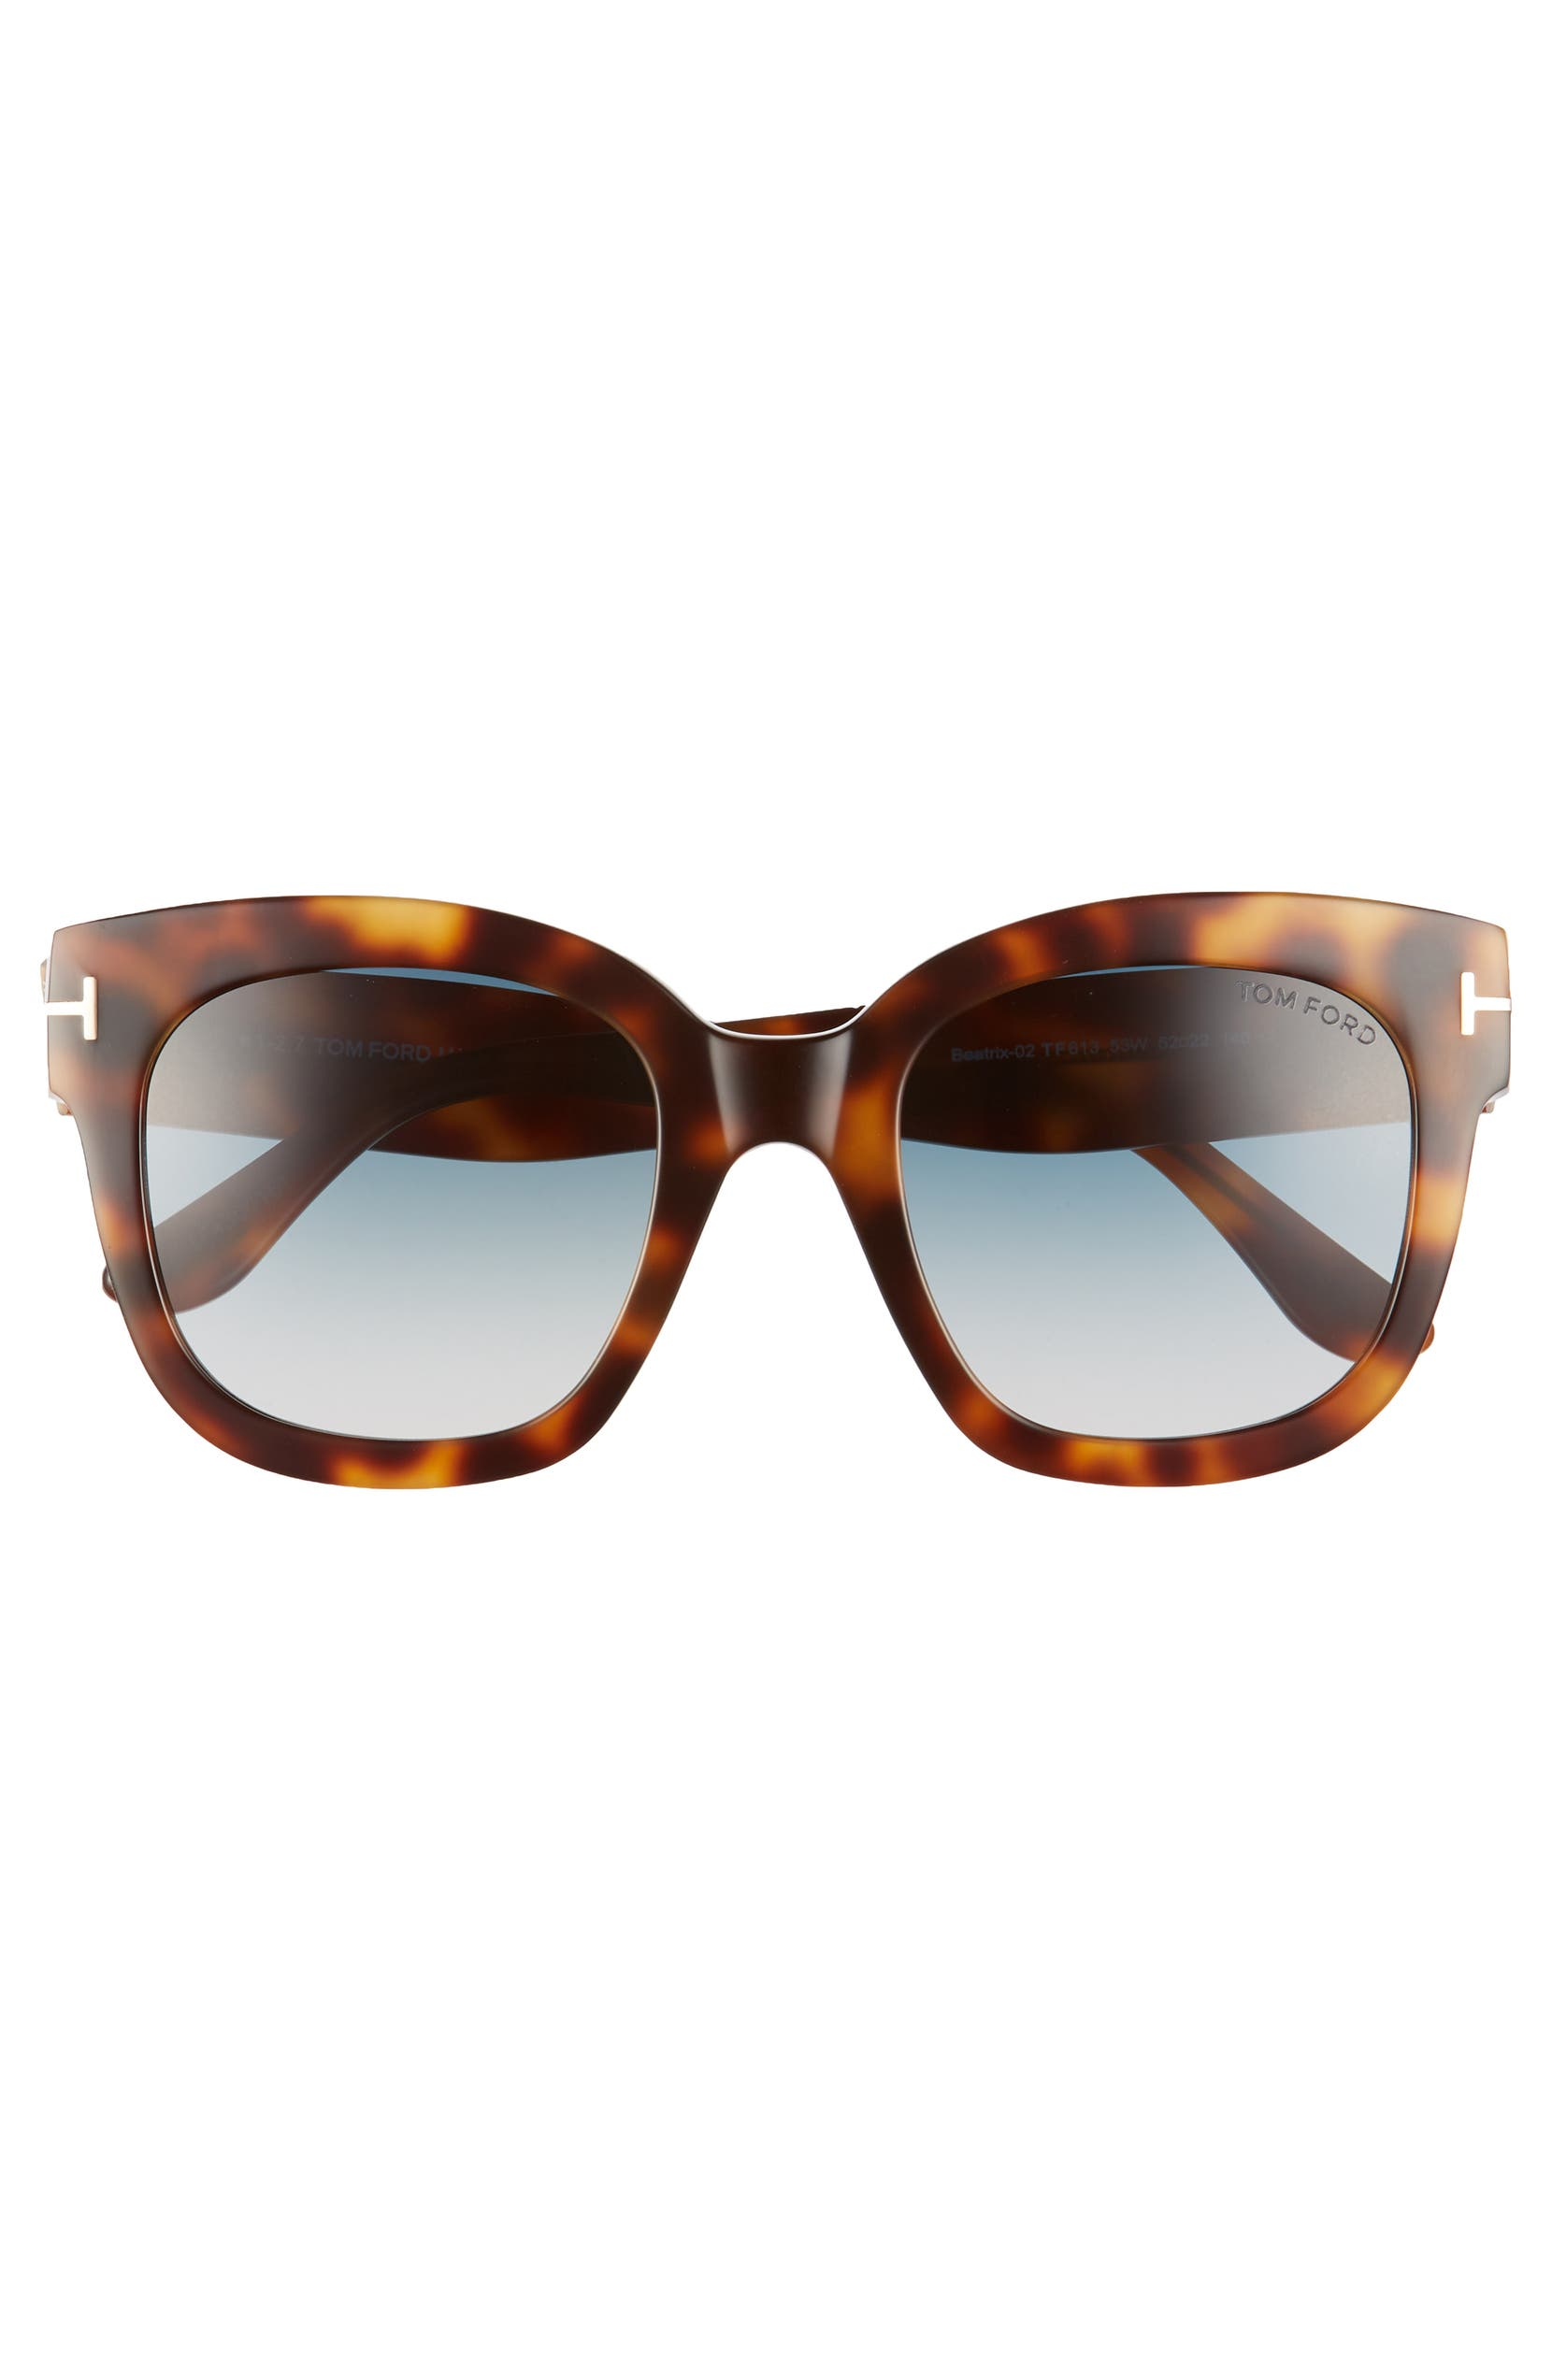 204d0b4211a61 Tom Ford Beatrix 52mm Sunglasses